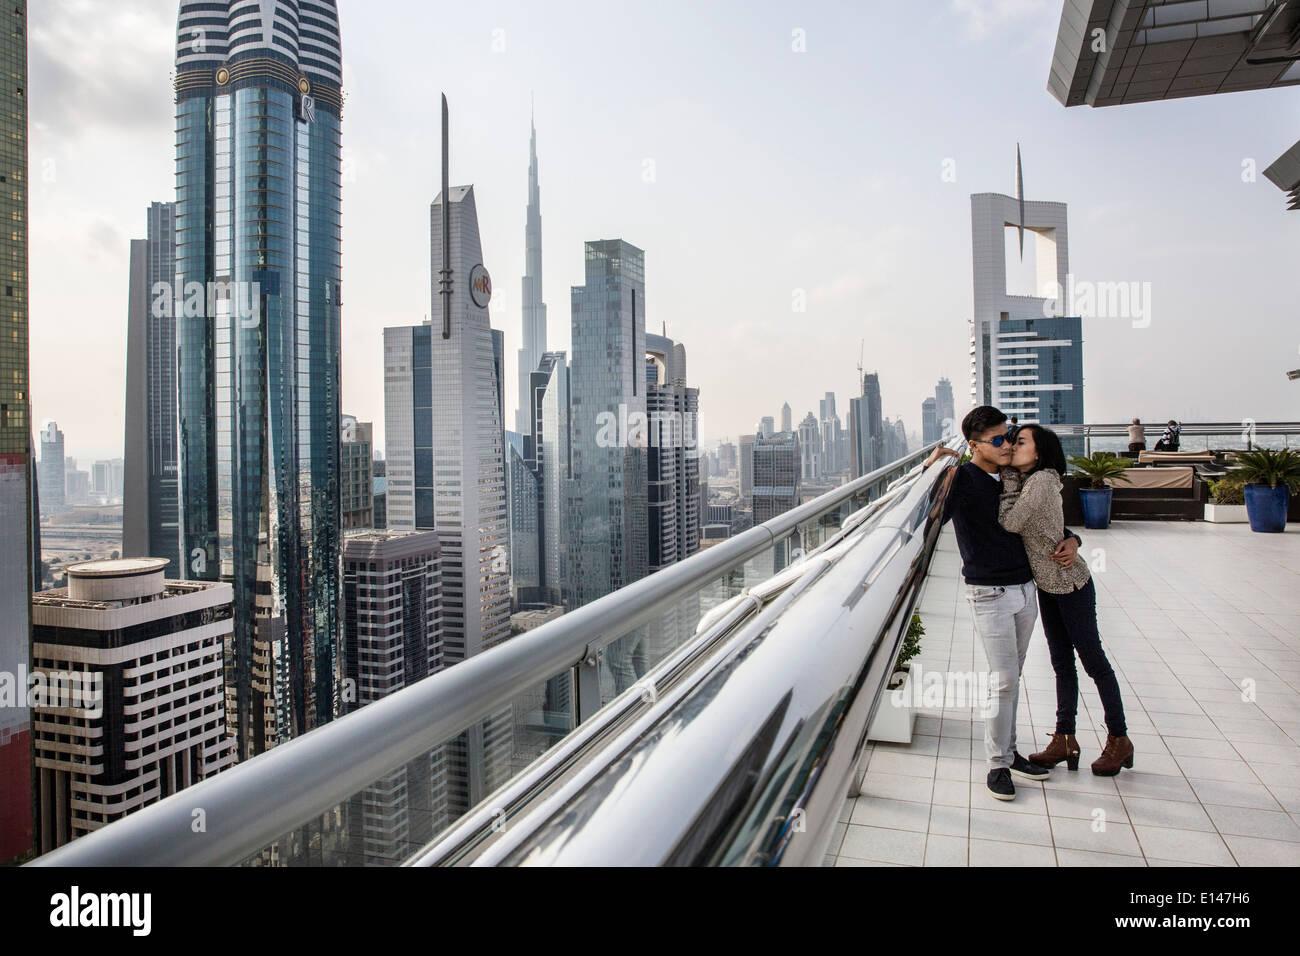 Emirats arabes unis, dubaï, financial centre ville avec Burj Khalifa, asiatique couple sur le toit de l'hôtel Sheraton de l'ONU Photo Stock